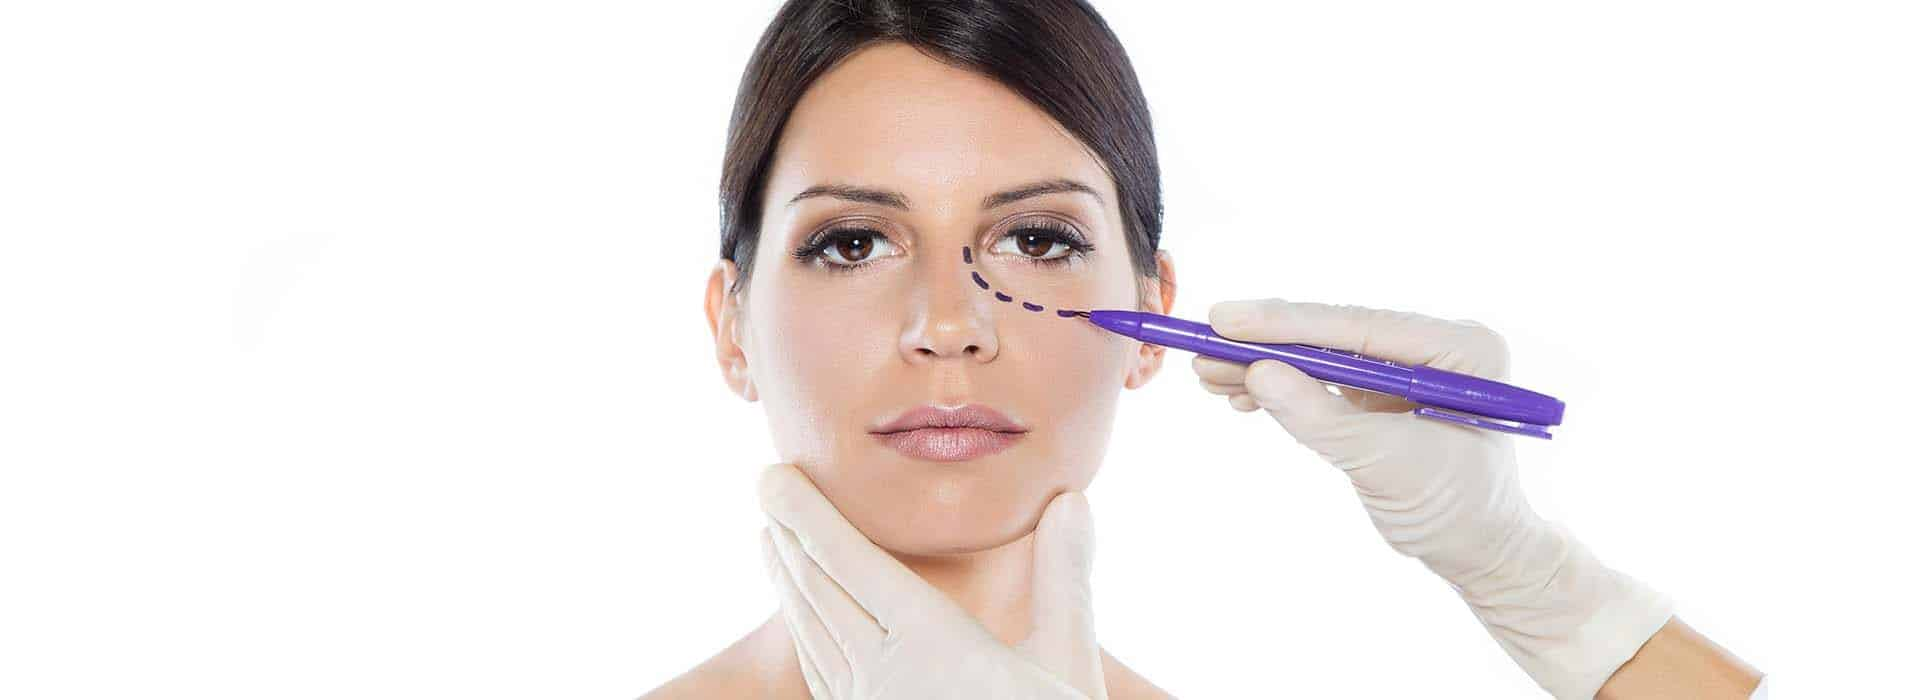 Antes y después de una operación conjunta de nariz y párpados